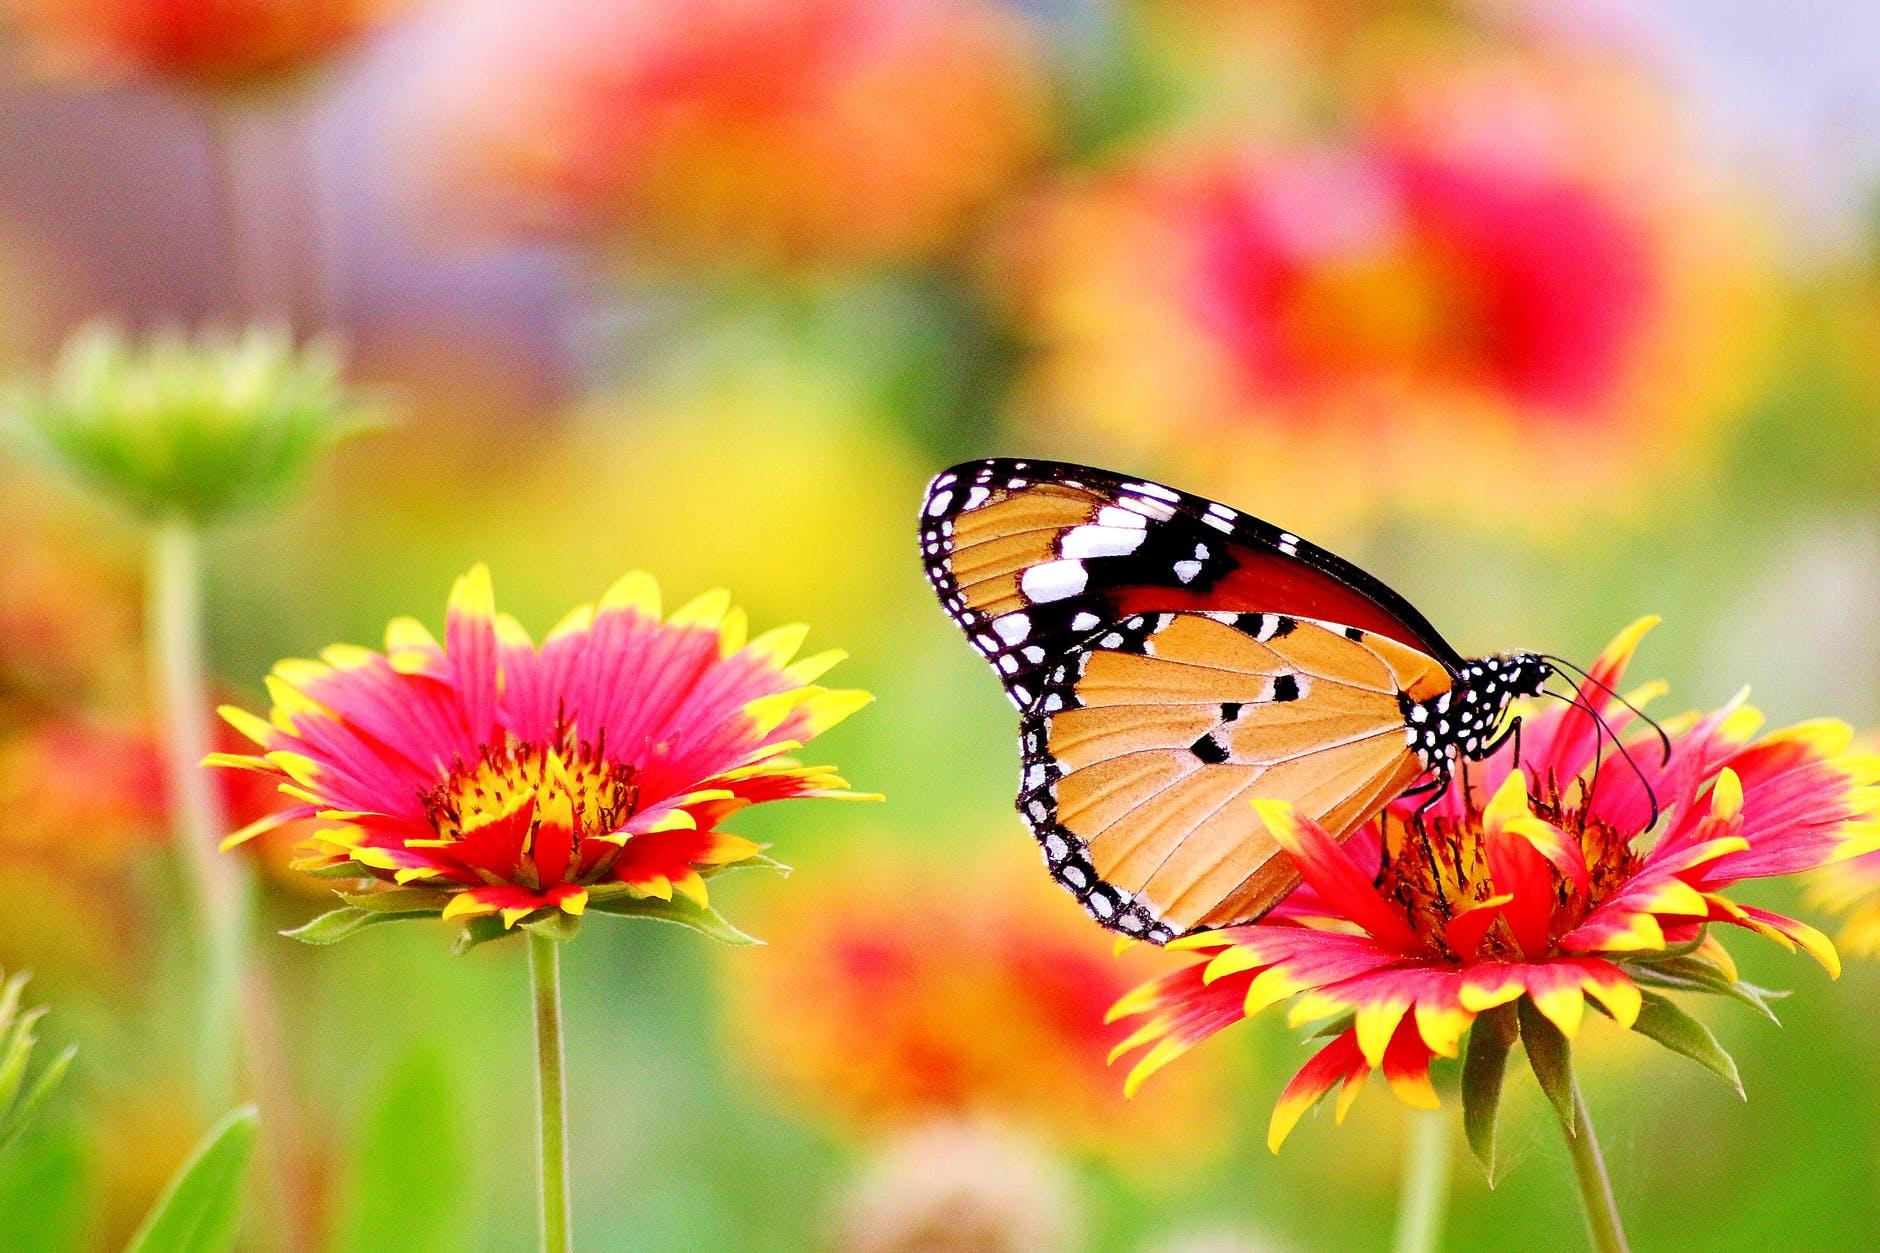 Duurzaamheid en biodiversiteit horen bij de tuin van nu